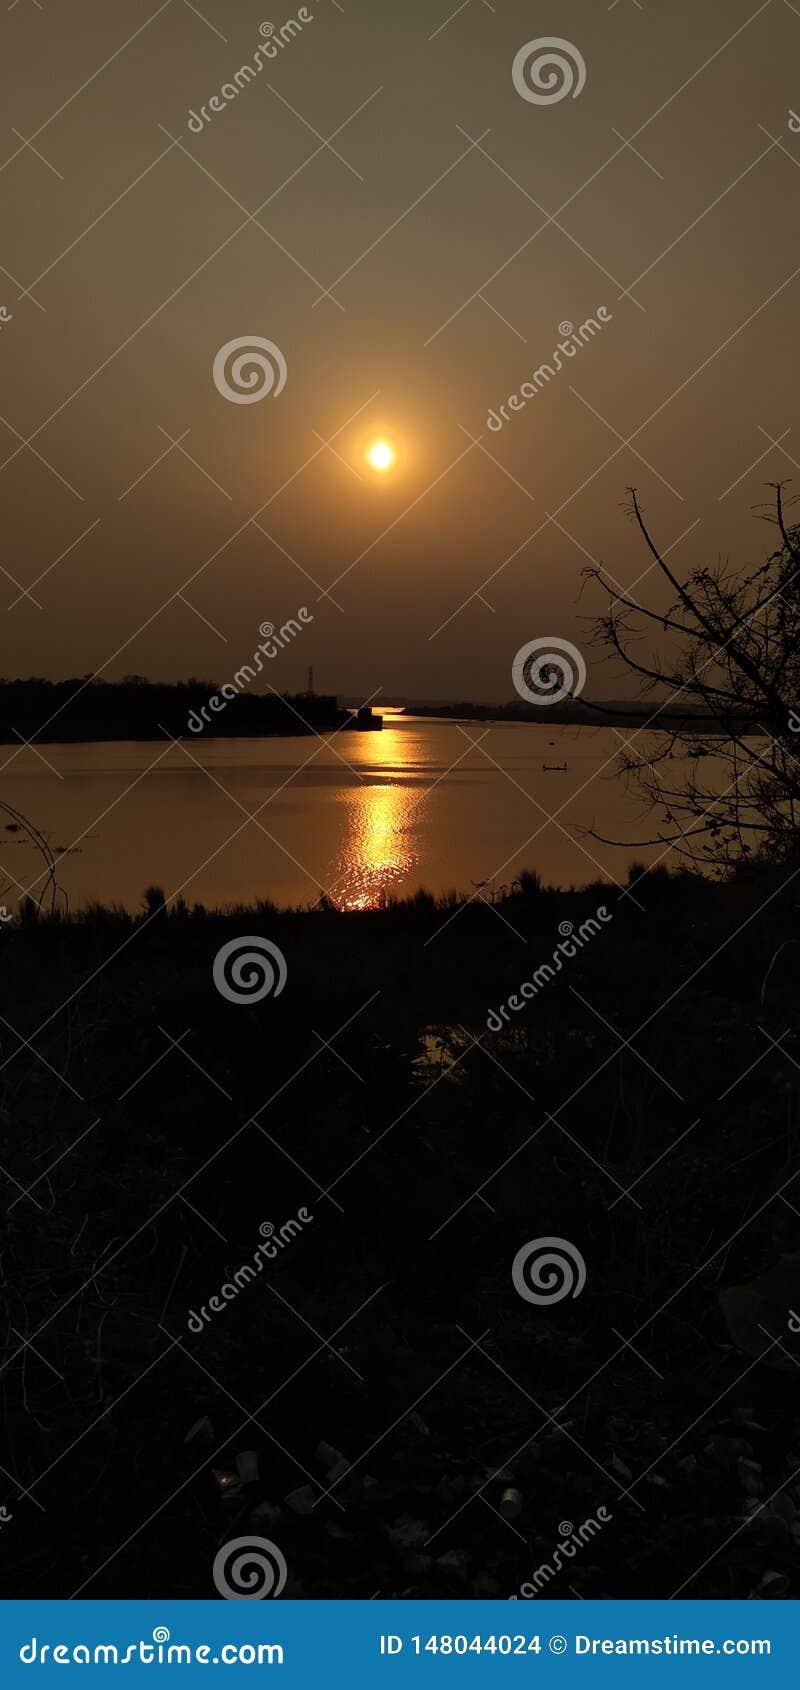 Pomeriggio, accanto al fiume, tramonto, raggi di sole del relfect in acqua